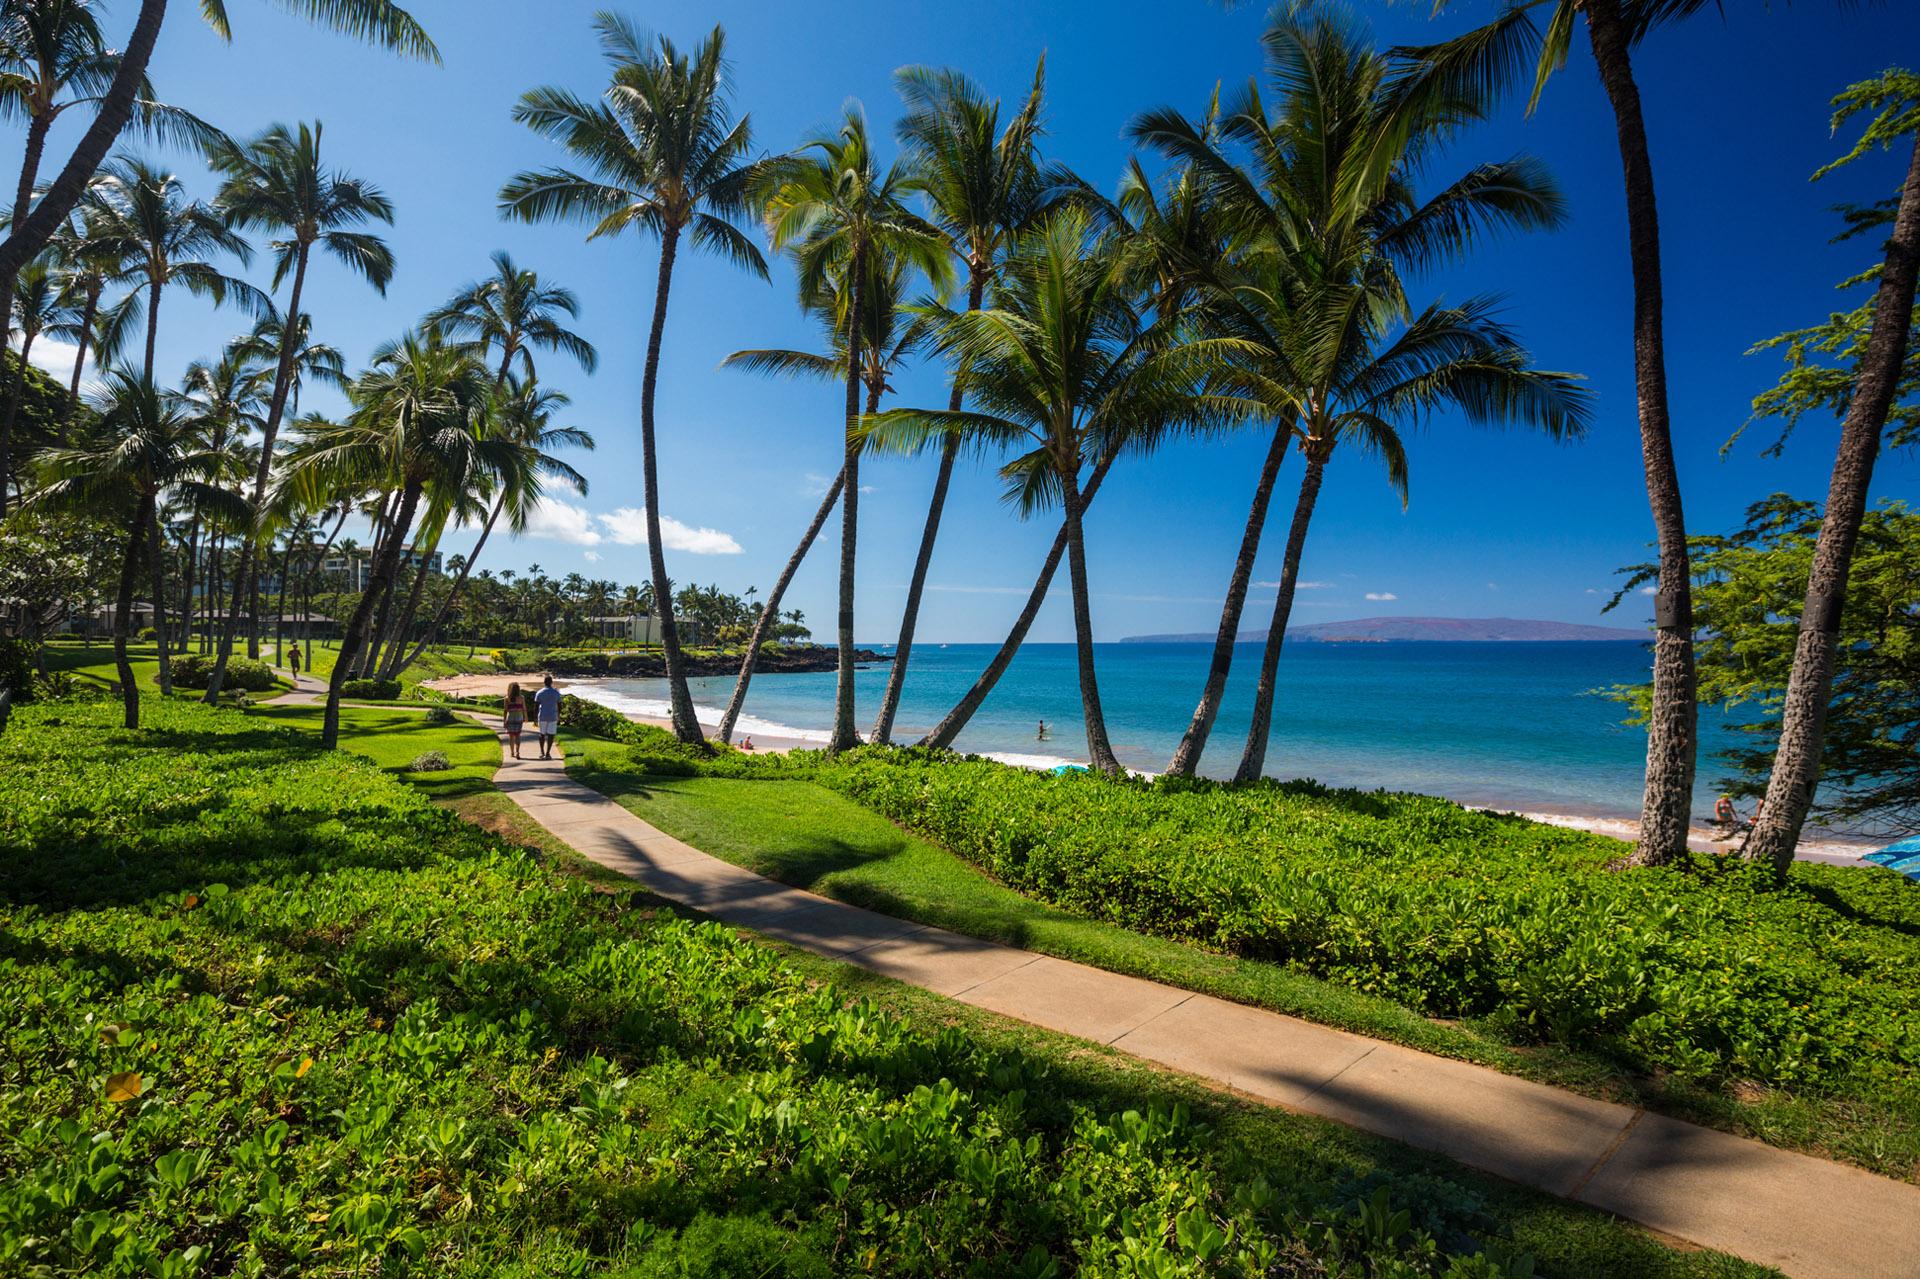 Hawaii Kriminalität: Wie sicher ist ein Hawaii Urlaub?